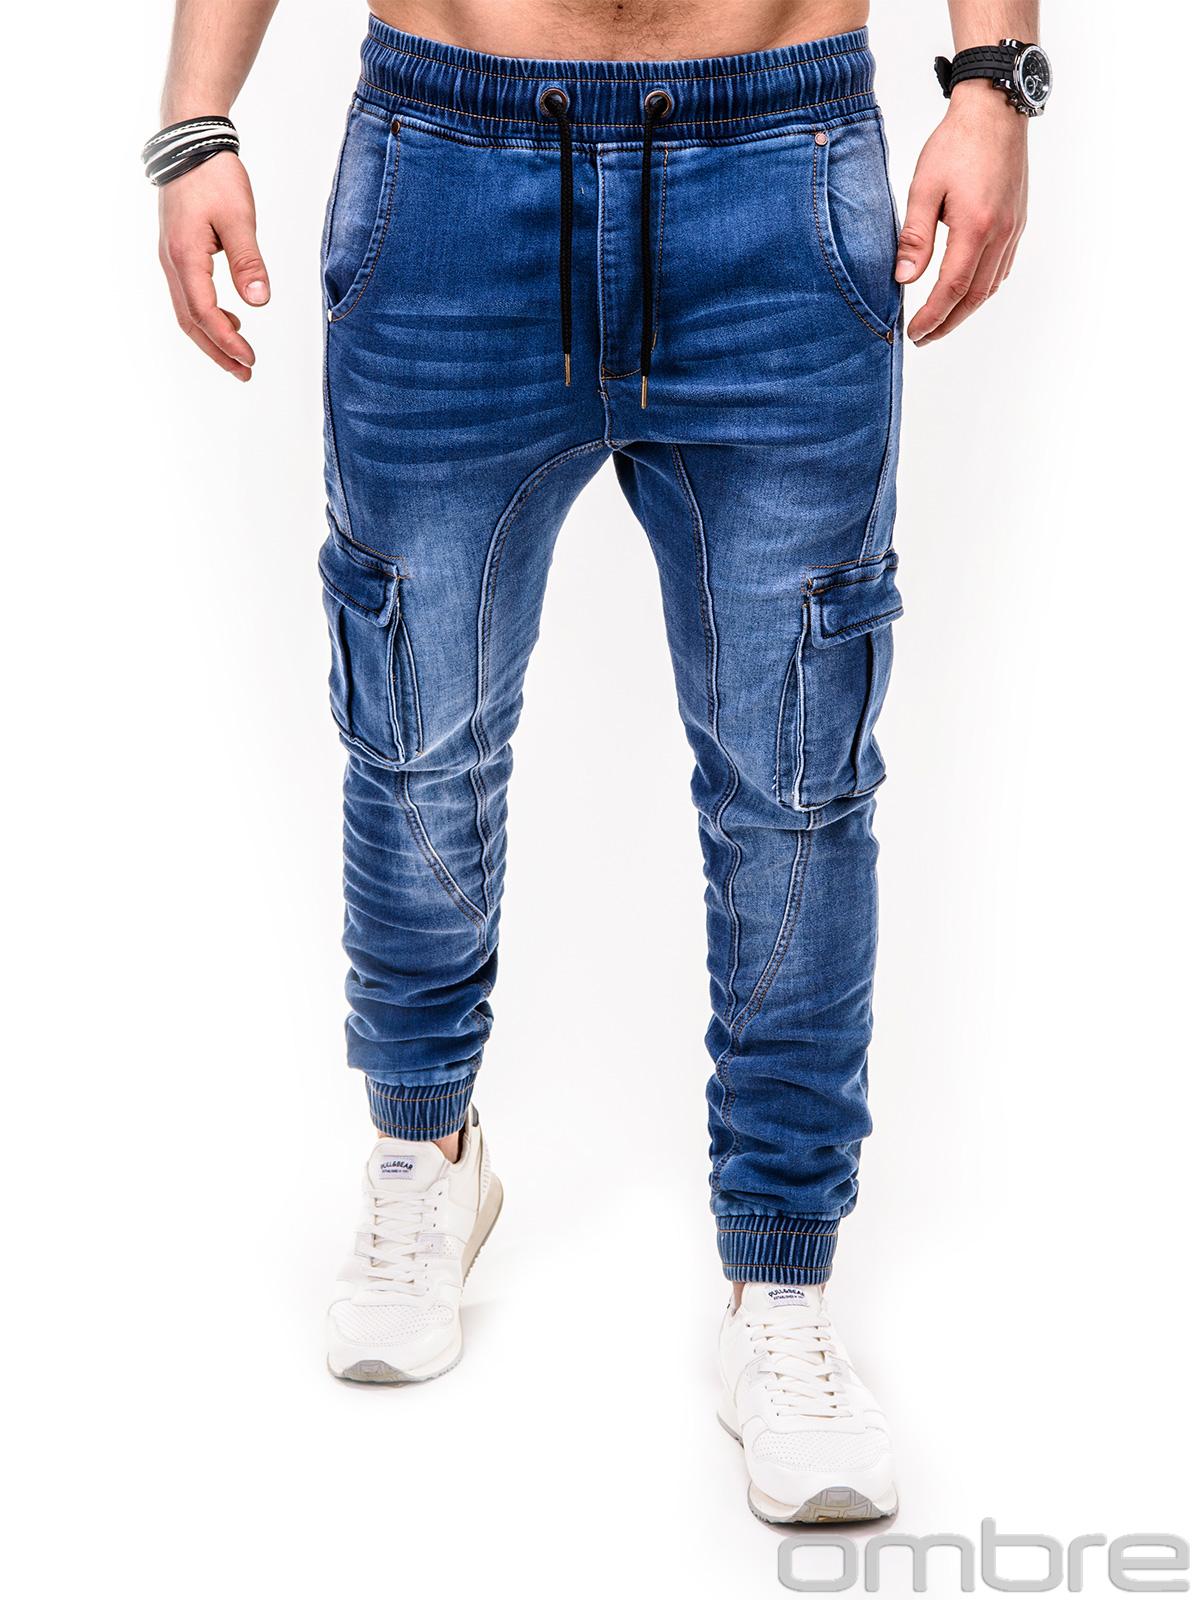 фото мужских джинс на манжетах обладательницы будут